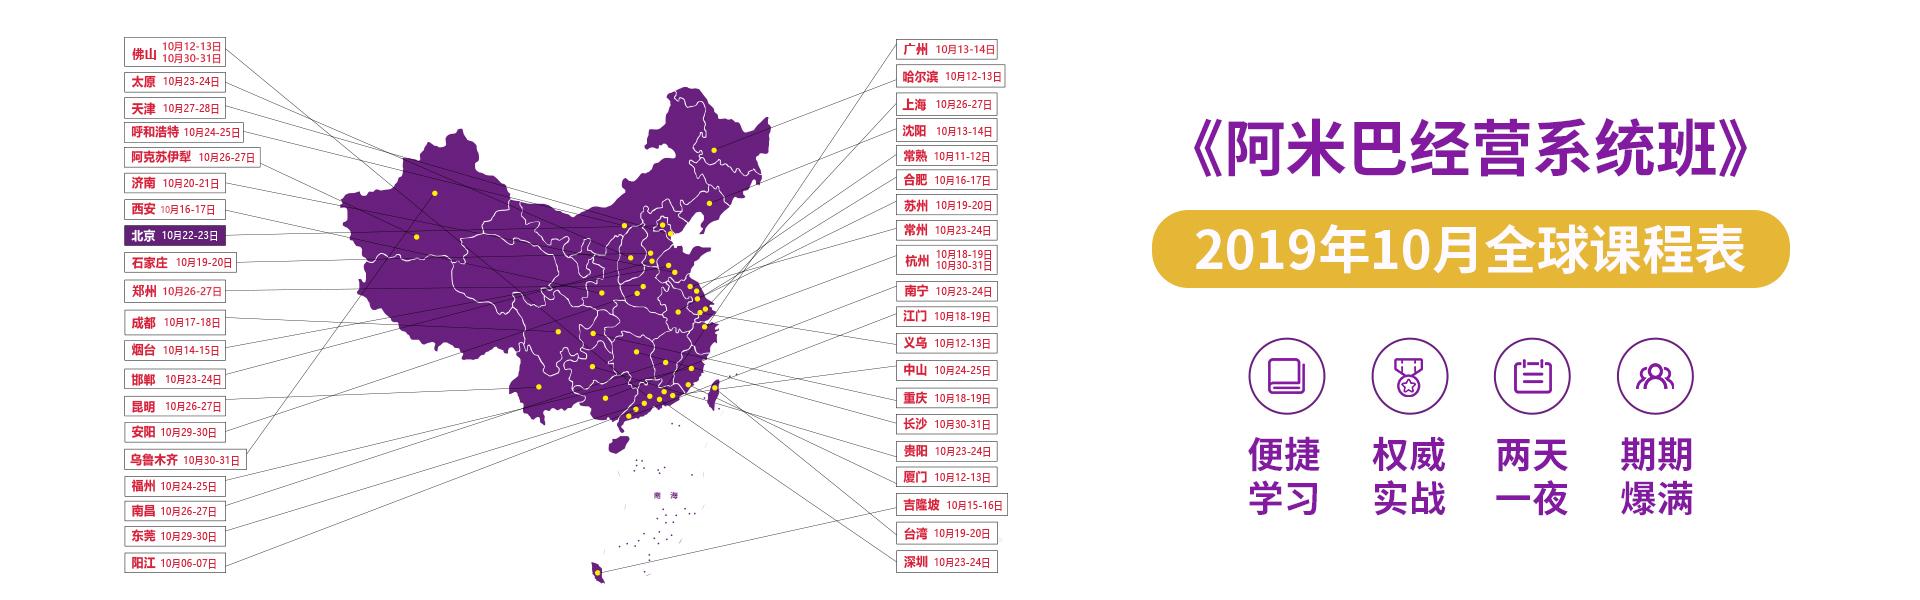 2019年10月中国地图开课表